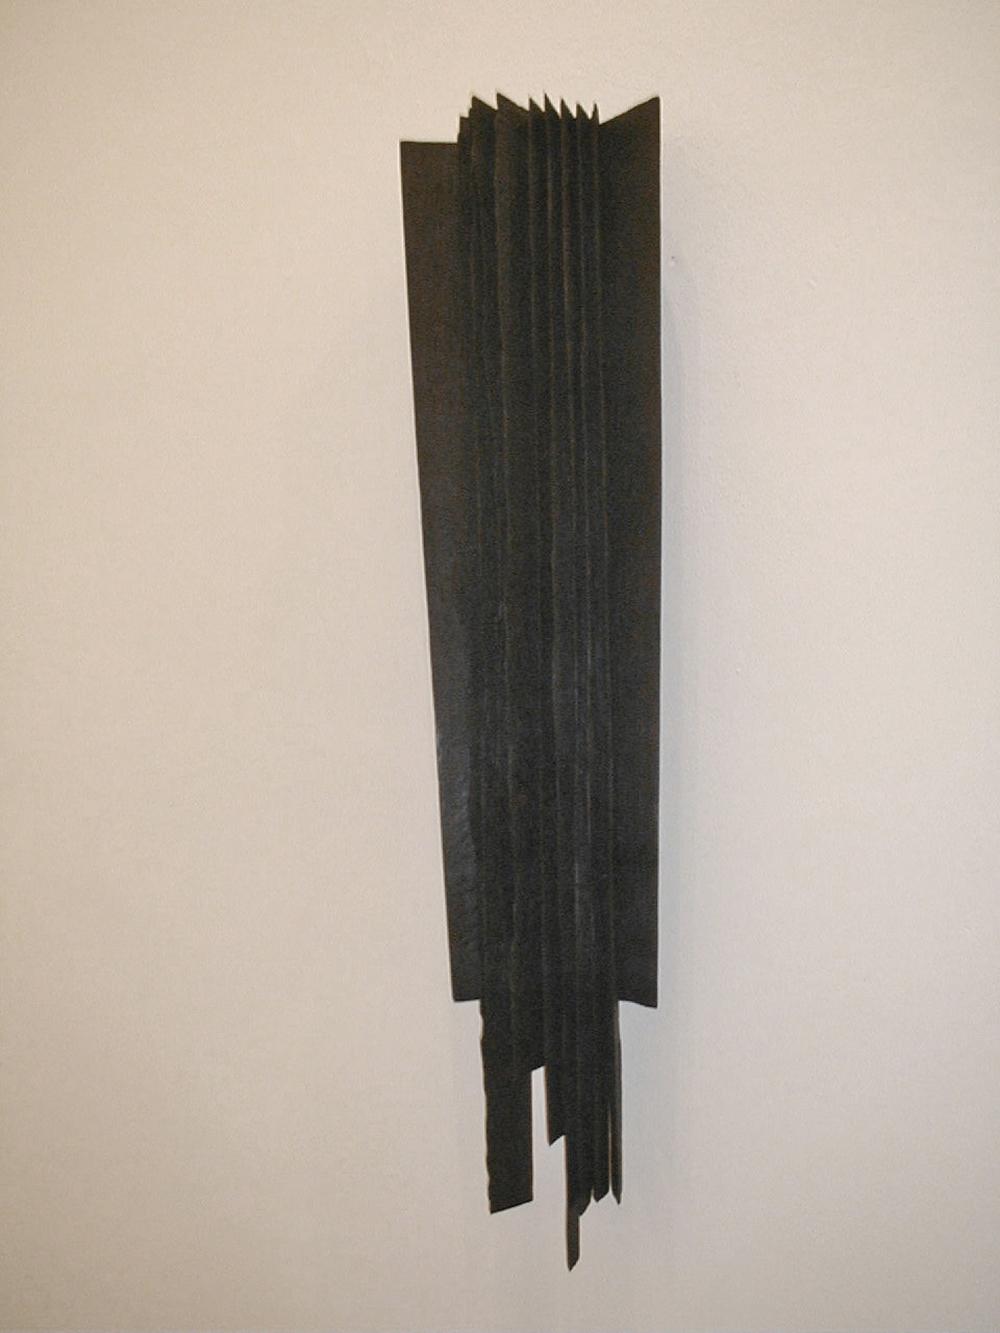 Senza titolo, 2002, legno combusto, cm 100x40